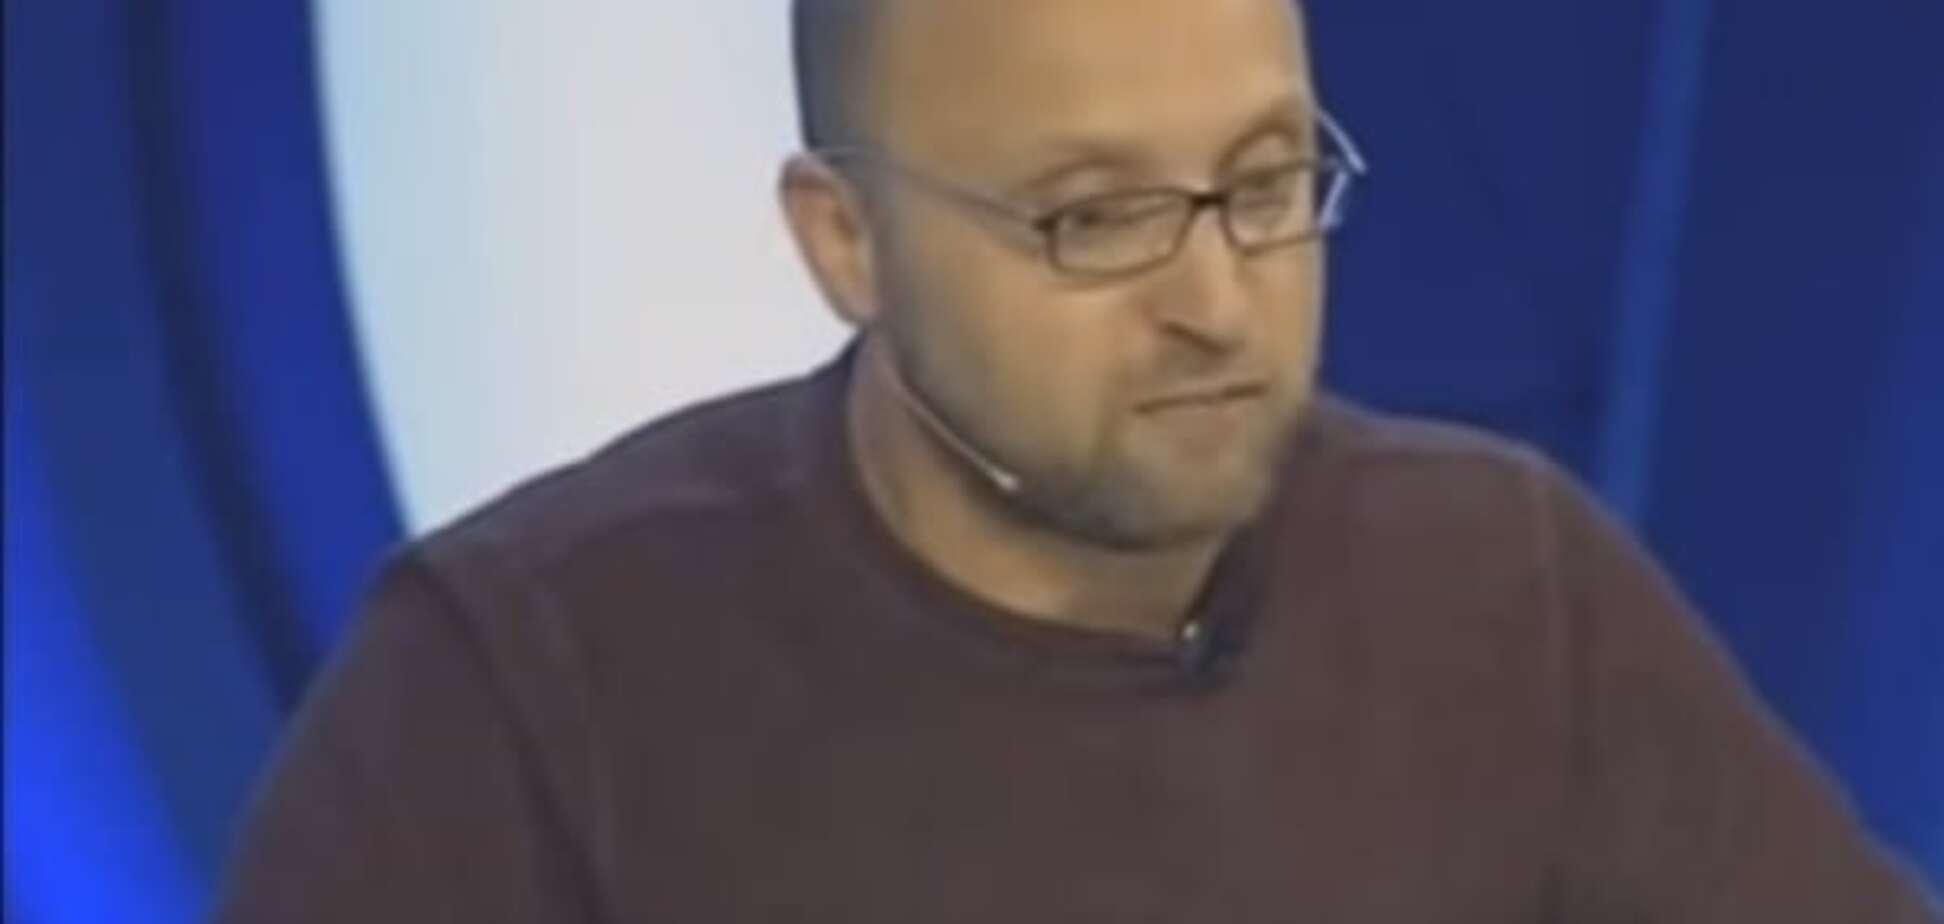 'Як тушонку погану': українець 'підірвав' російське ТБ словами про окупантів у цинкових трунах. Відеофакт